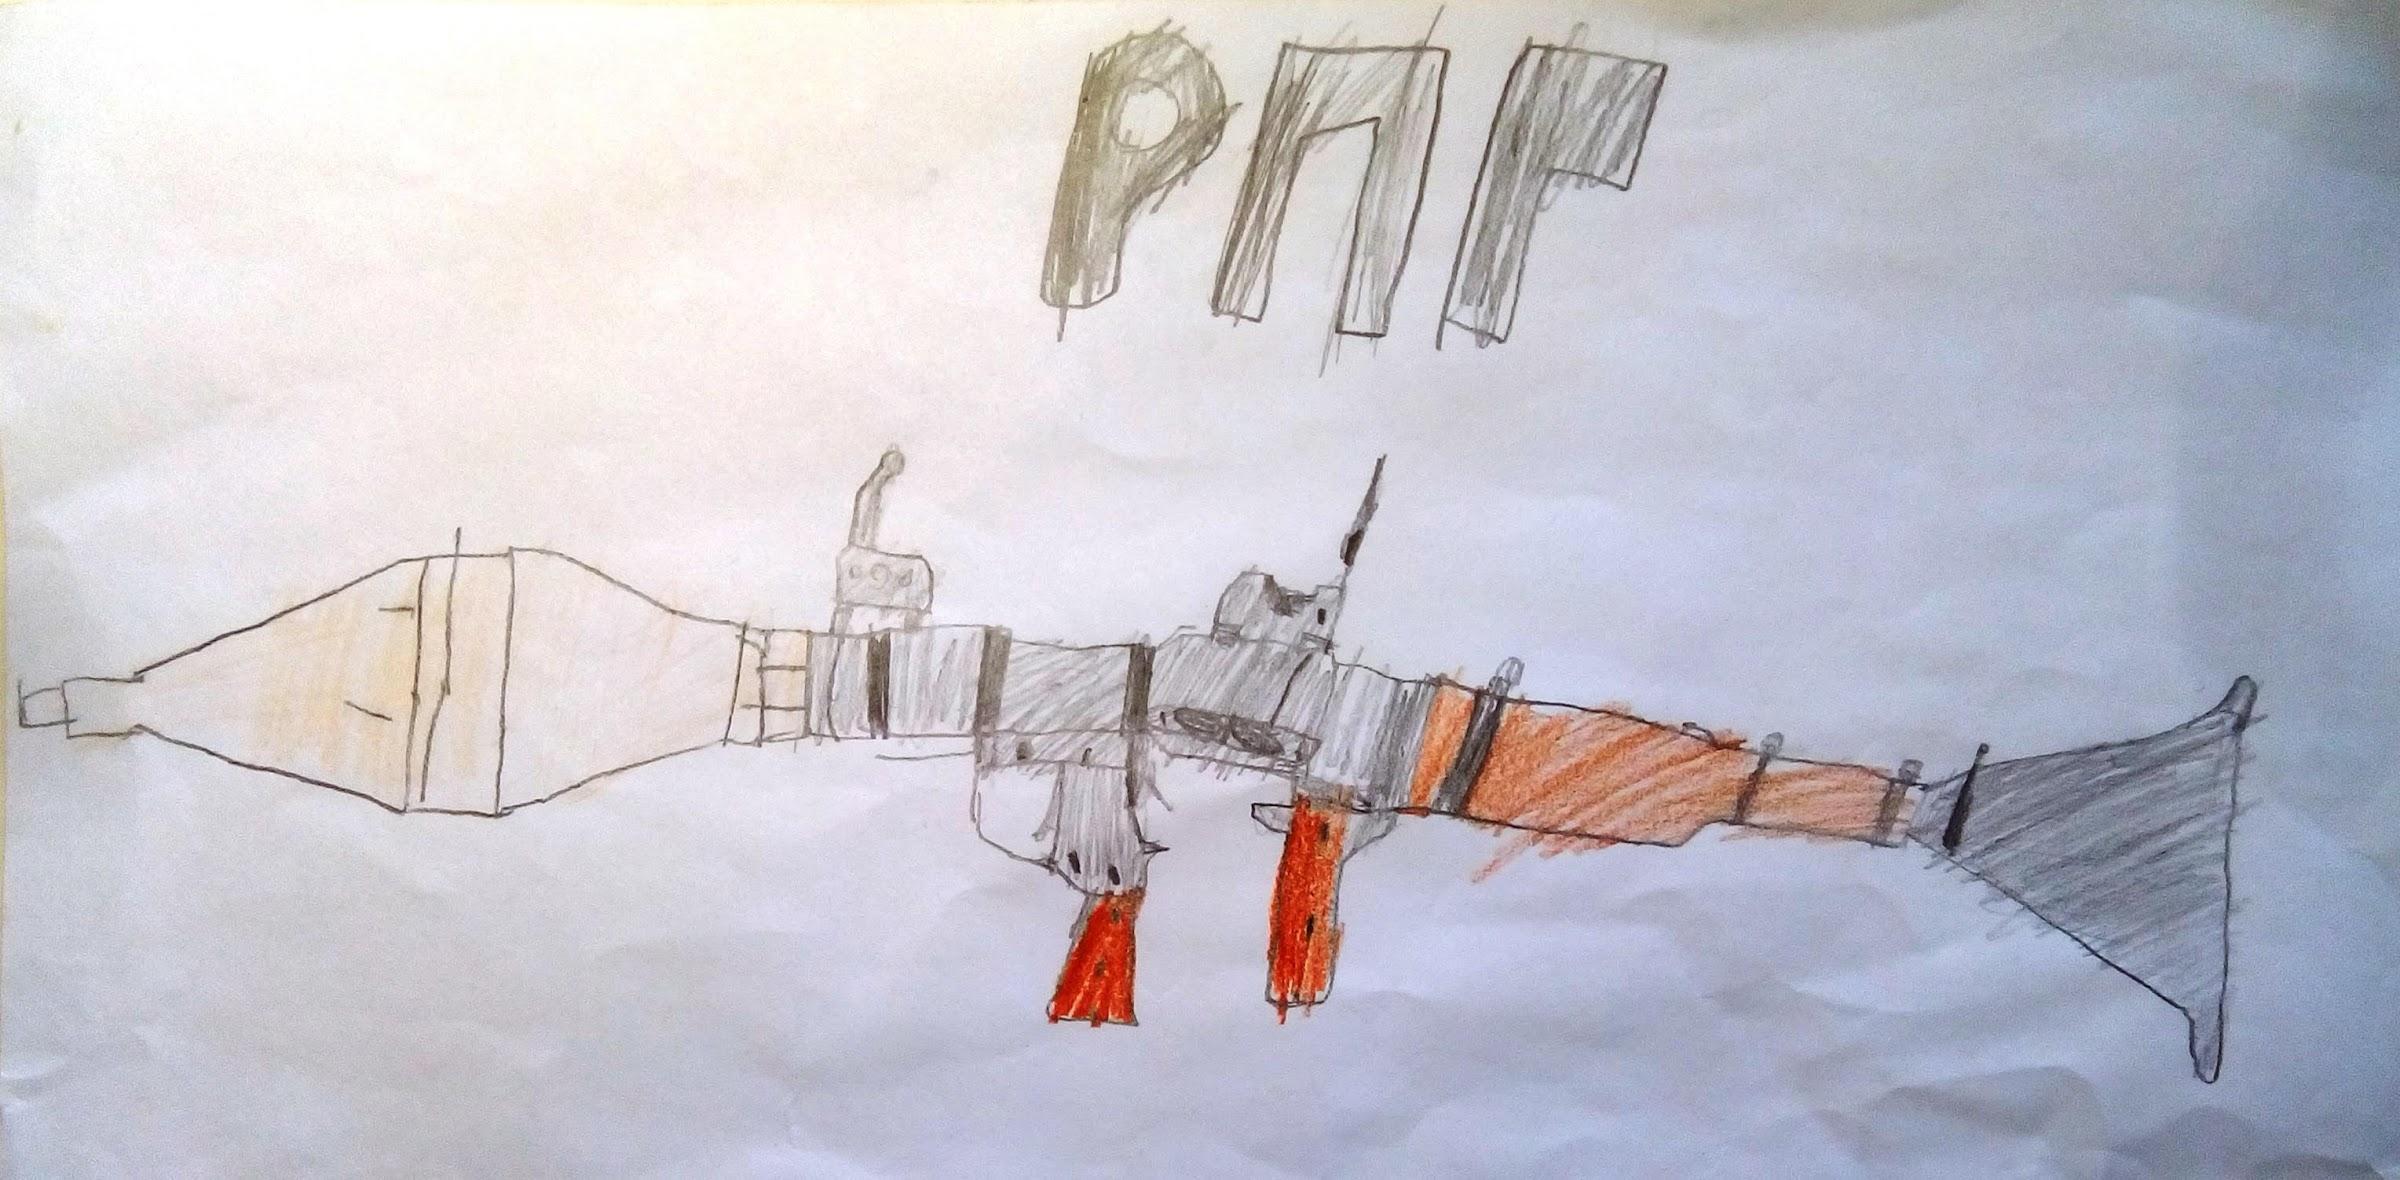 РПГ Ручной гранатомёт рисунок